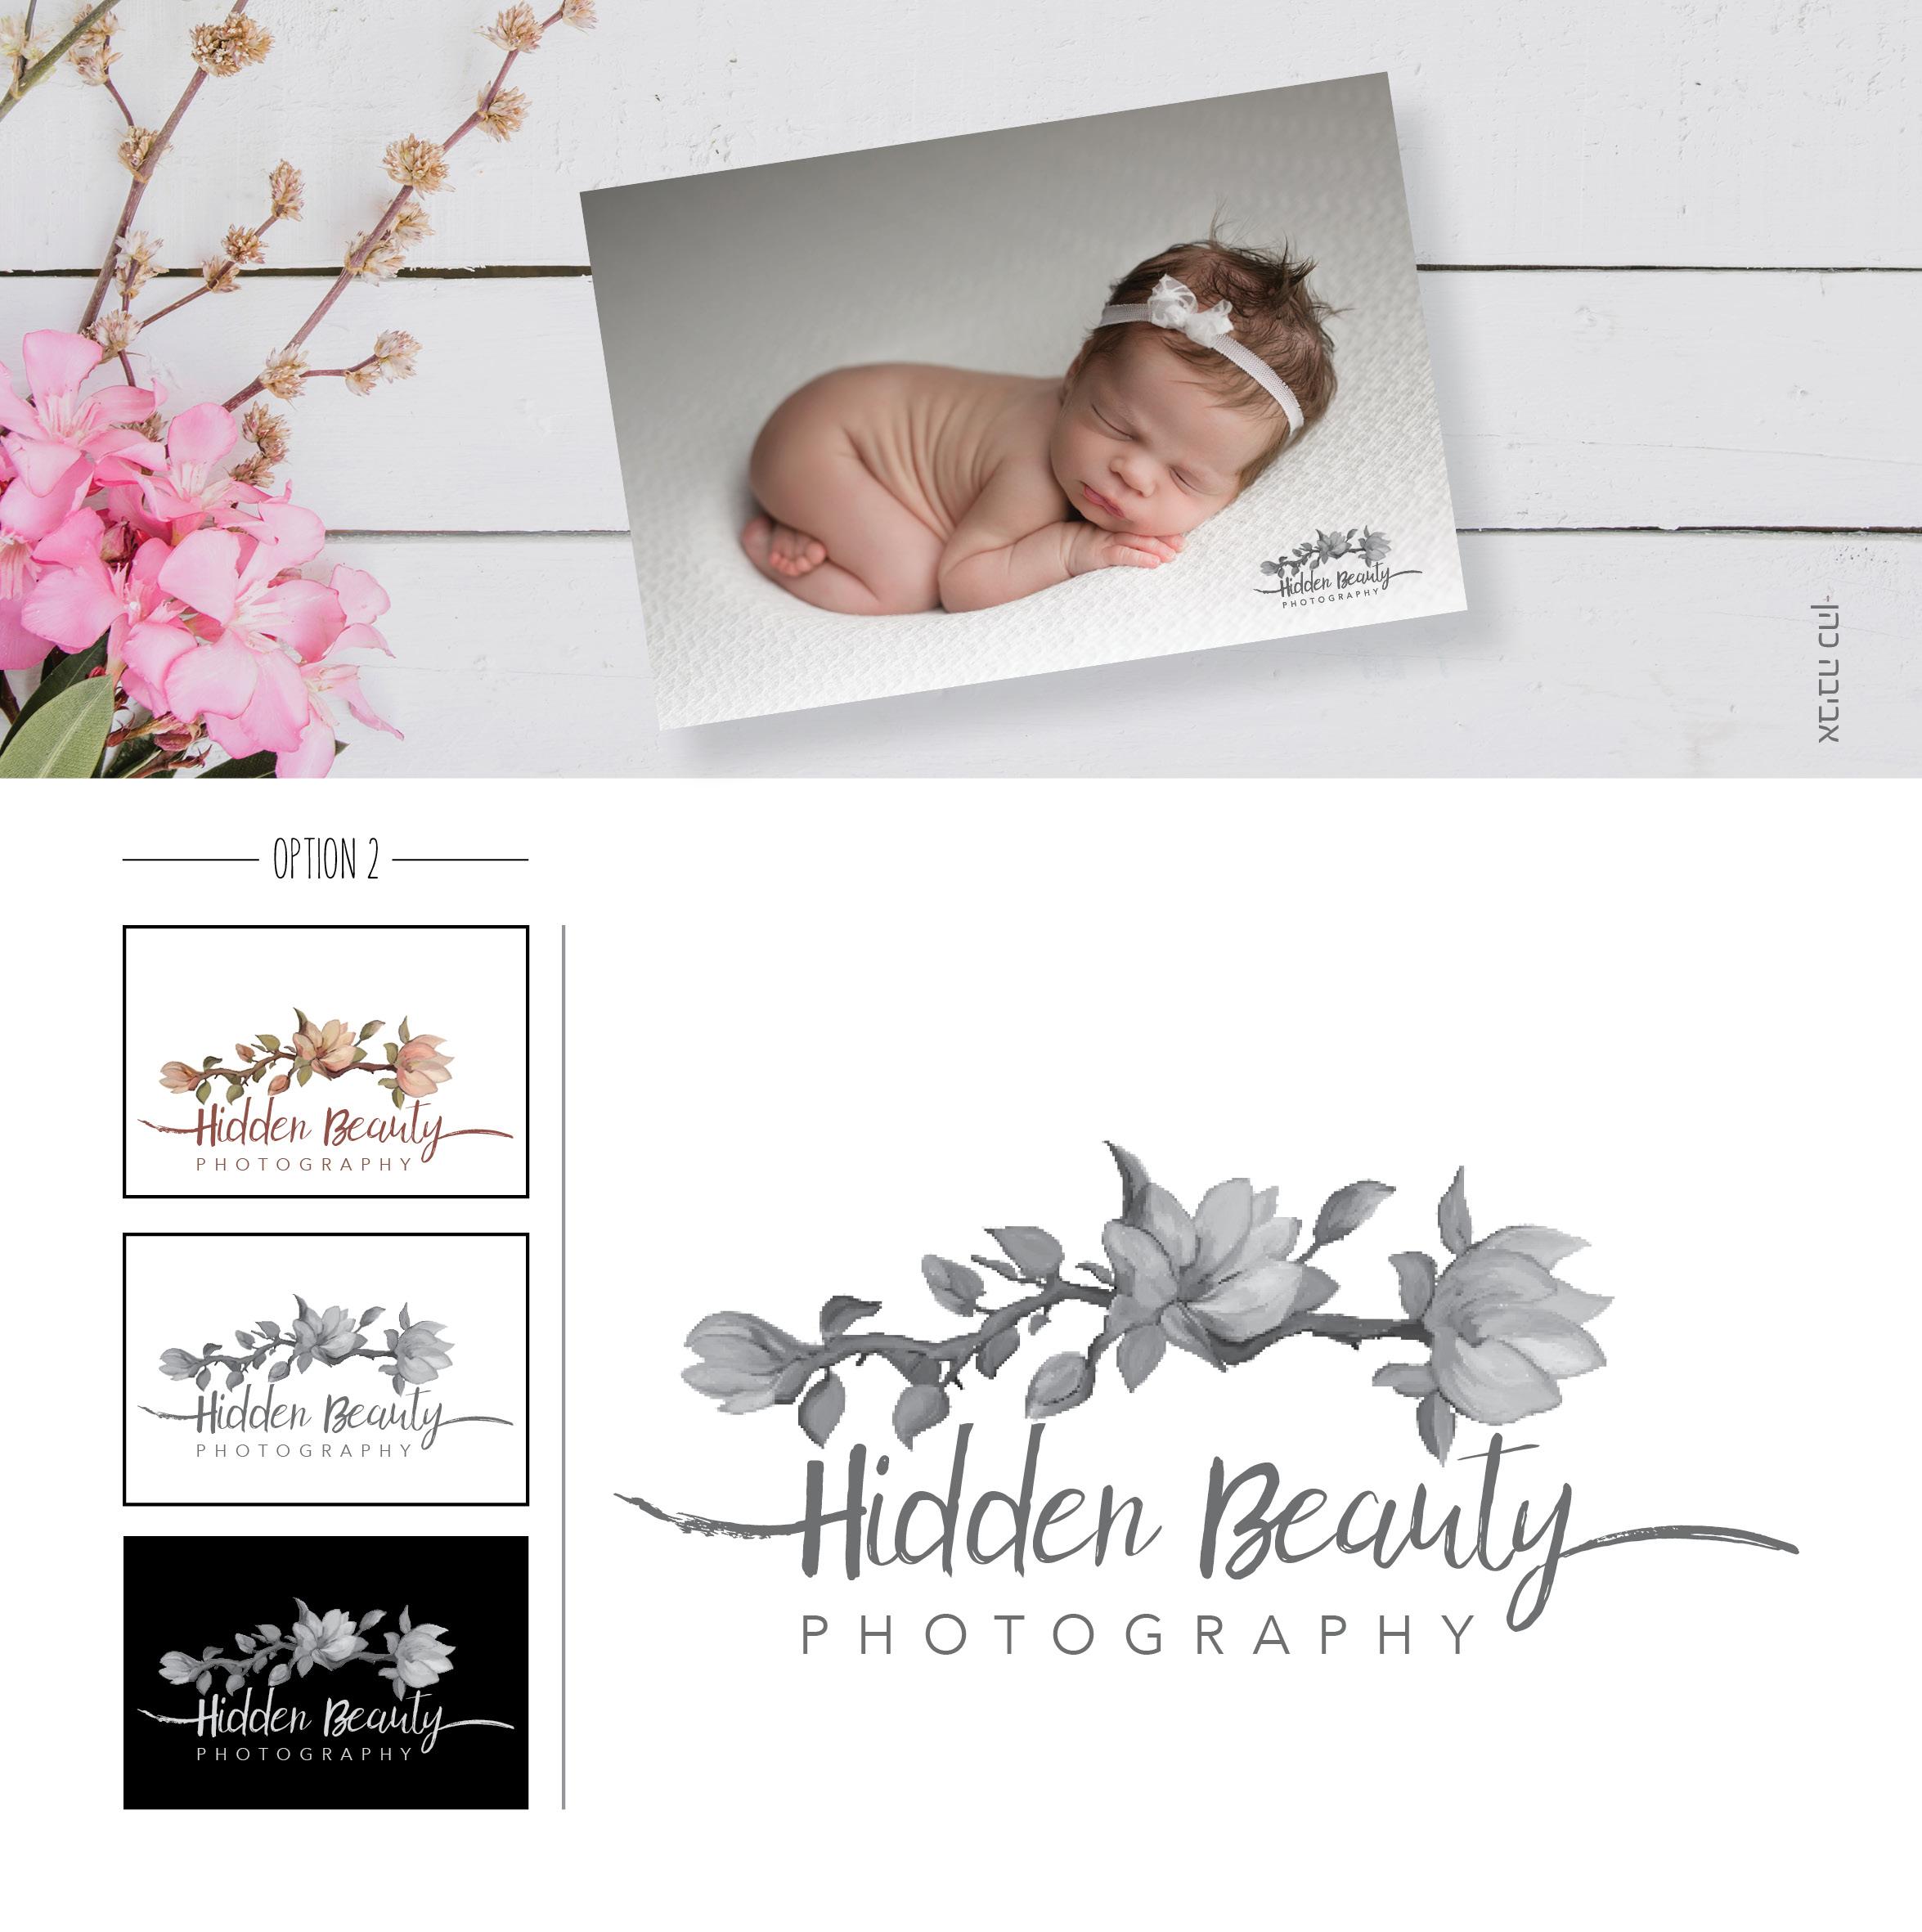 לוגו לצלמת תינוקות